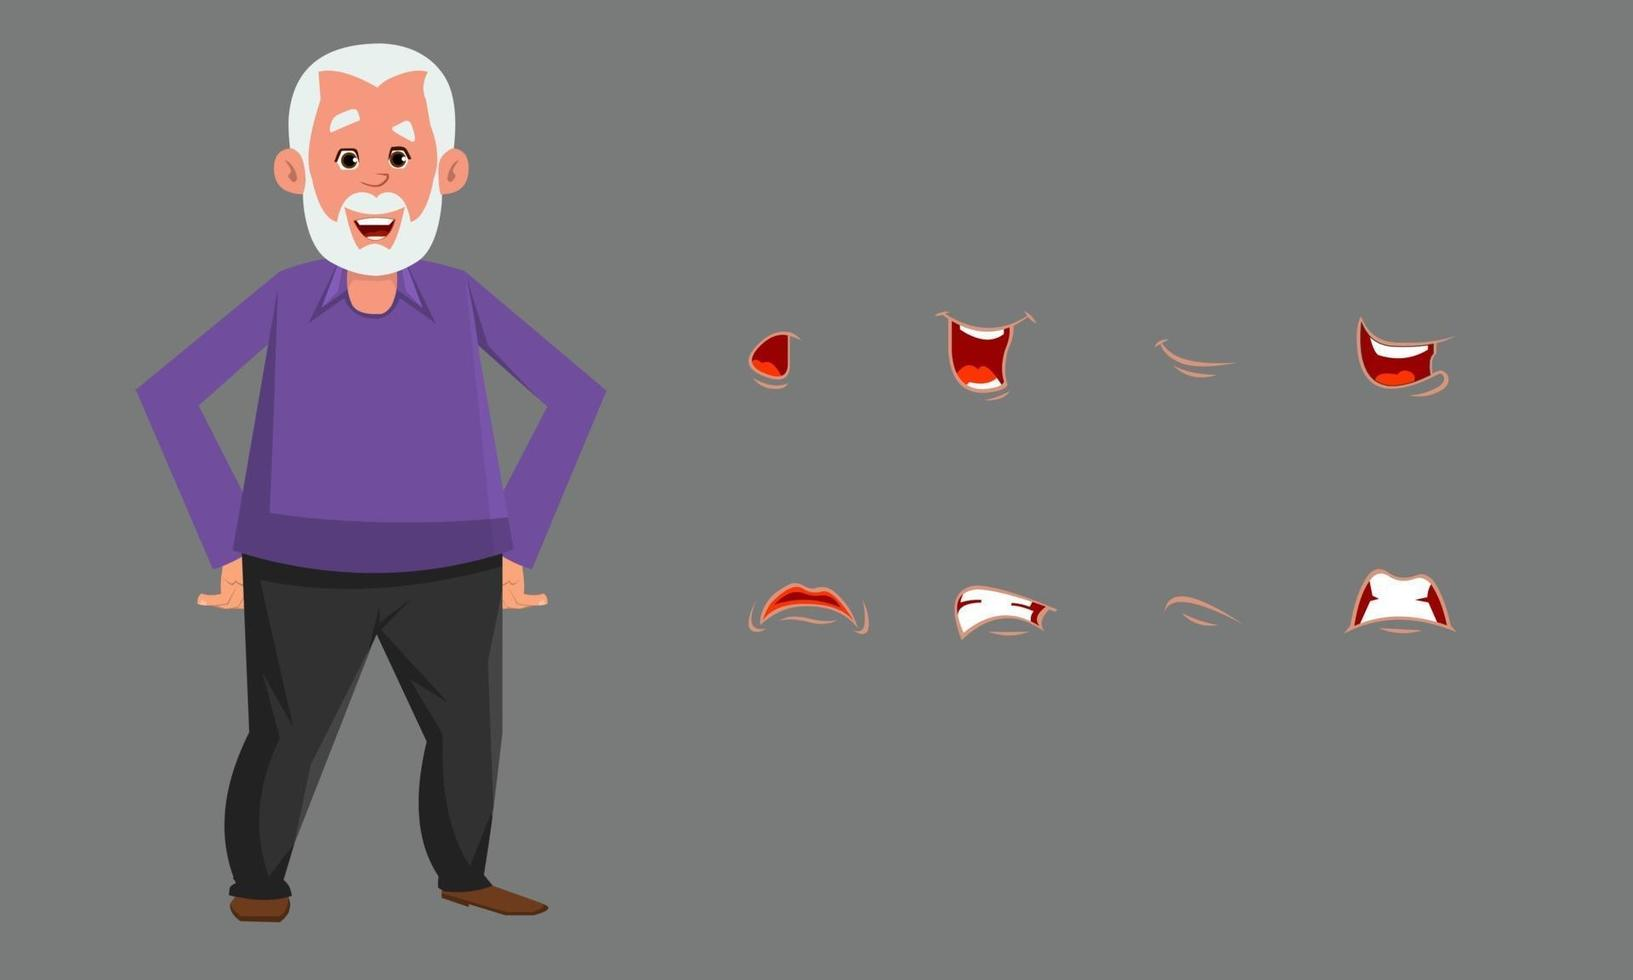 personaggio di uomo anziano con diverse emozioni o set di espressioni. set di emozioni personalizzate per design, movimento o animazione. vettore